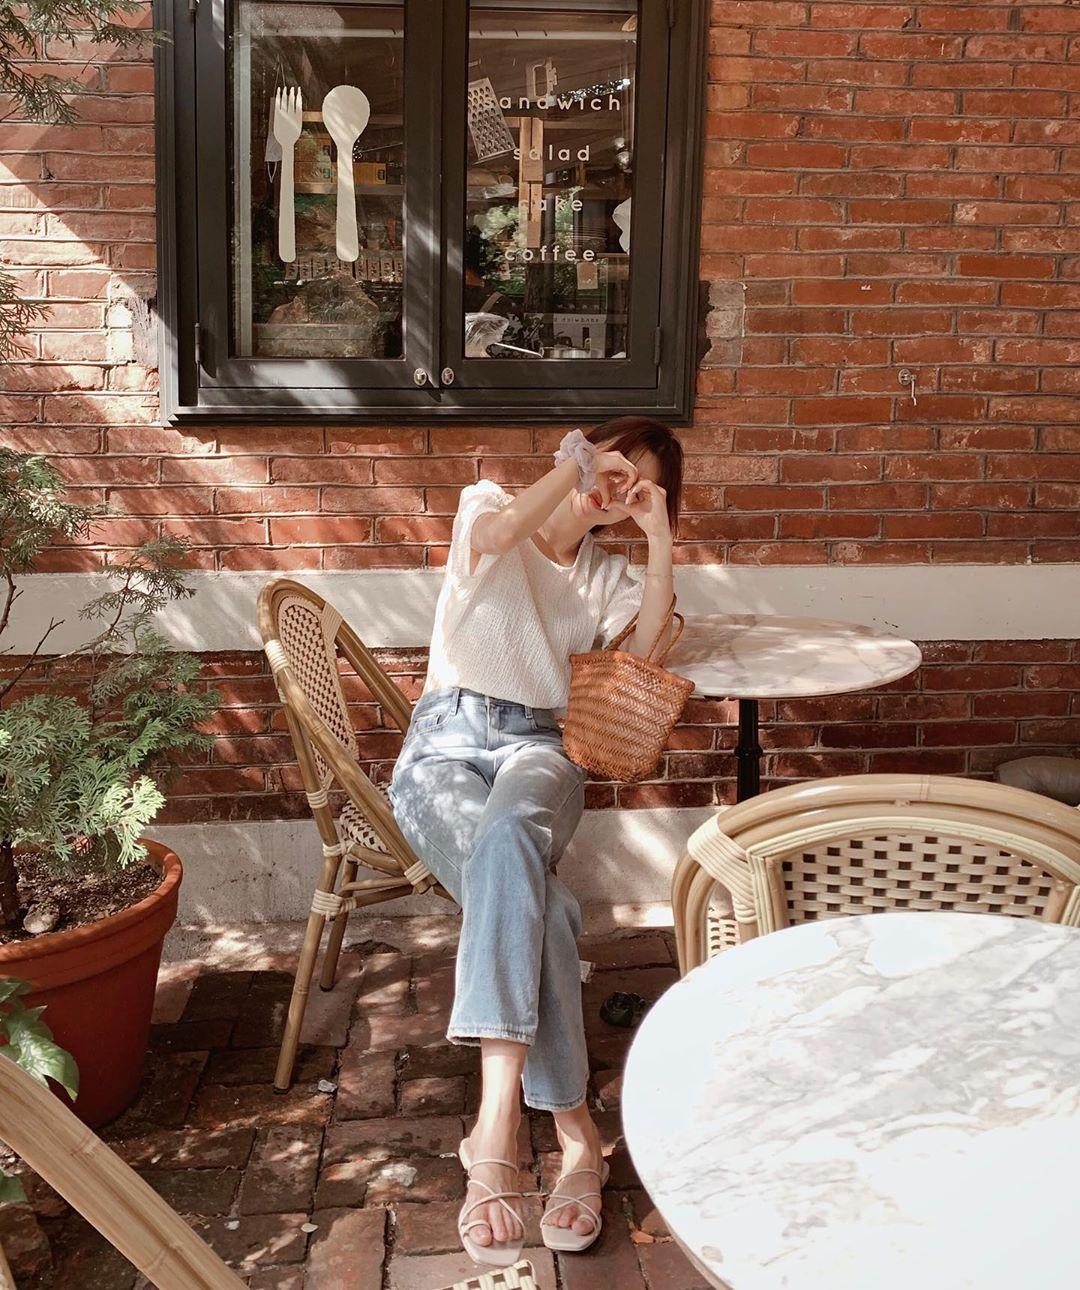 Mê quần jeans nhưng sợ phát ngốt vì nắng hè, chị em cứ nhắm trúng 4 kiểu dáng thoải mái sau mà diện - Ảnh 2